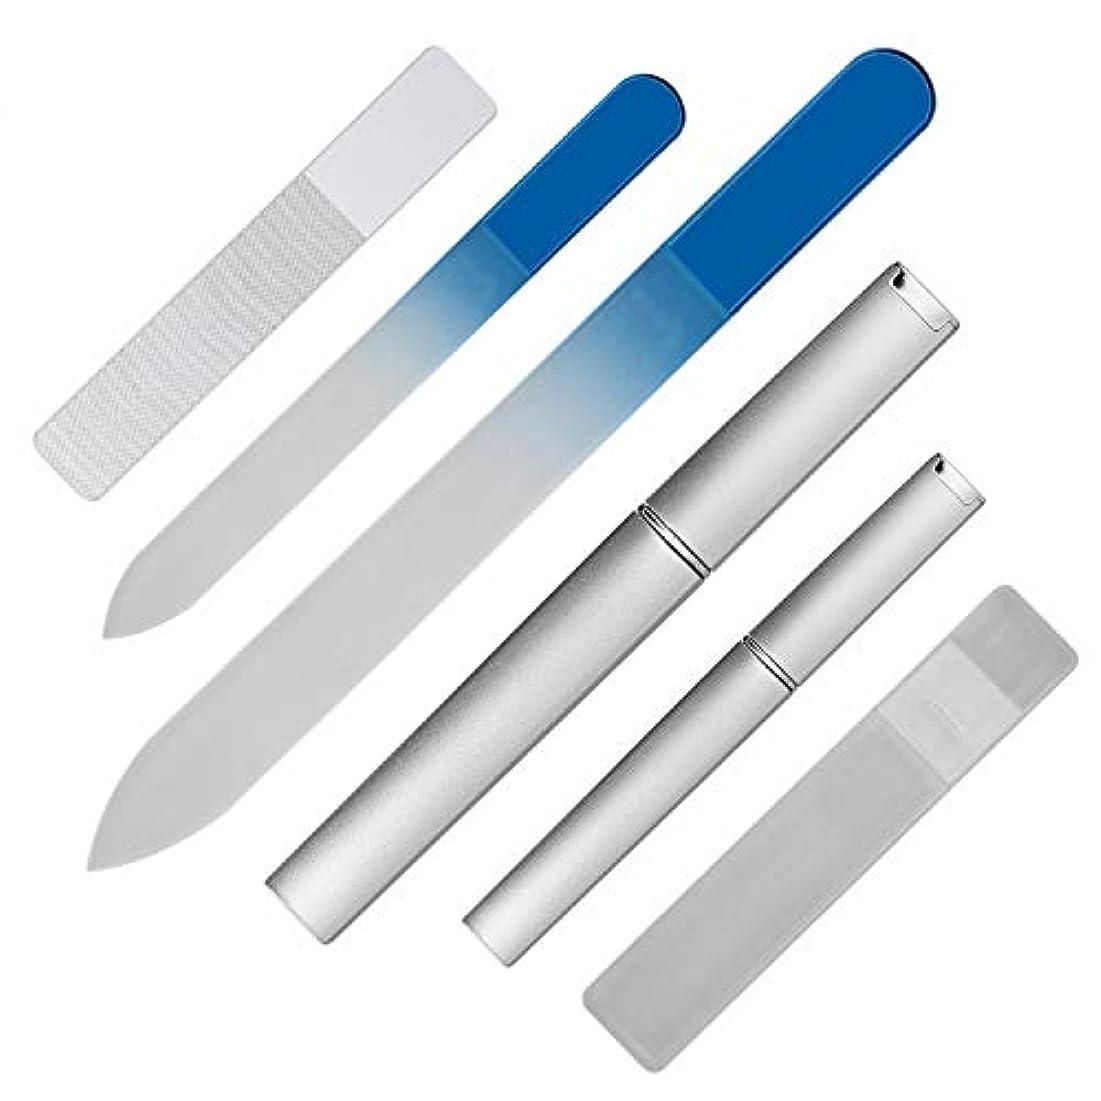 最悪アイザック十分爪やすり ガラス製 爪磨き つめみがき ネイルケア用品 大小3個セット j-cheng (ブルー)